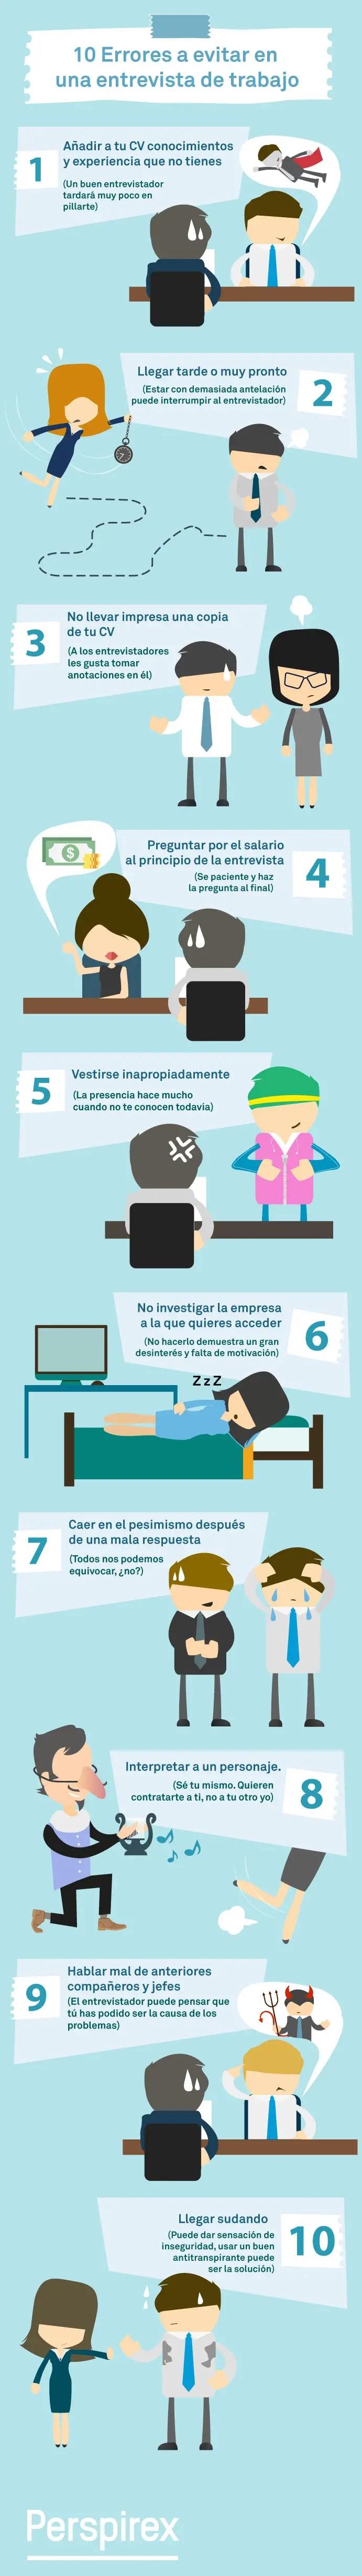 10 errores en entrevistas de trabajo - 10 errores a evitar en una entrevista de trabajo (Infografía)